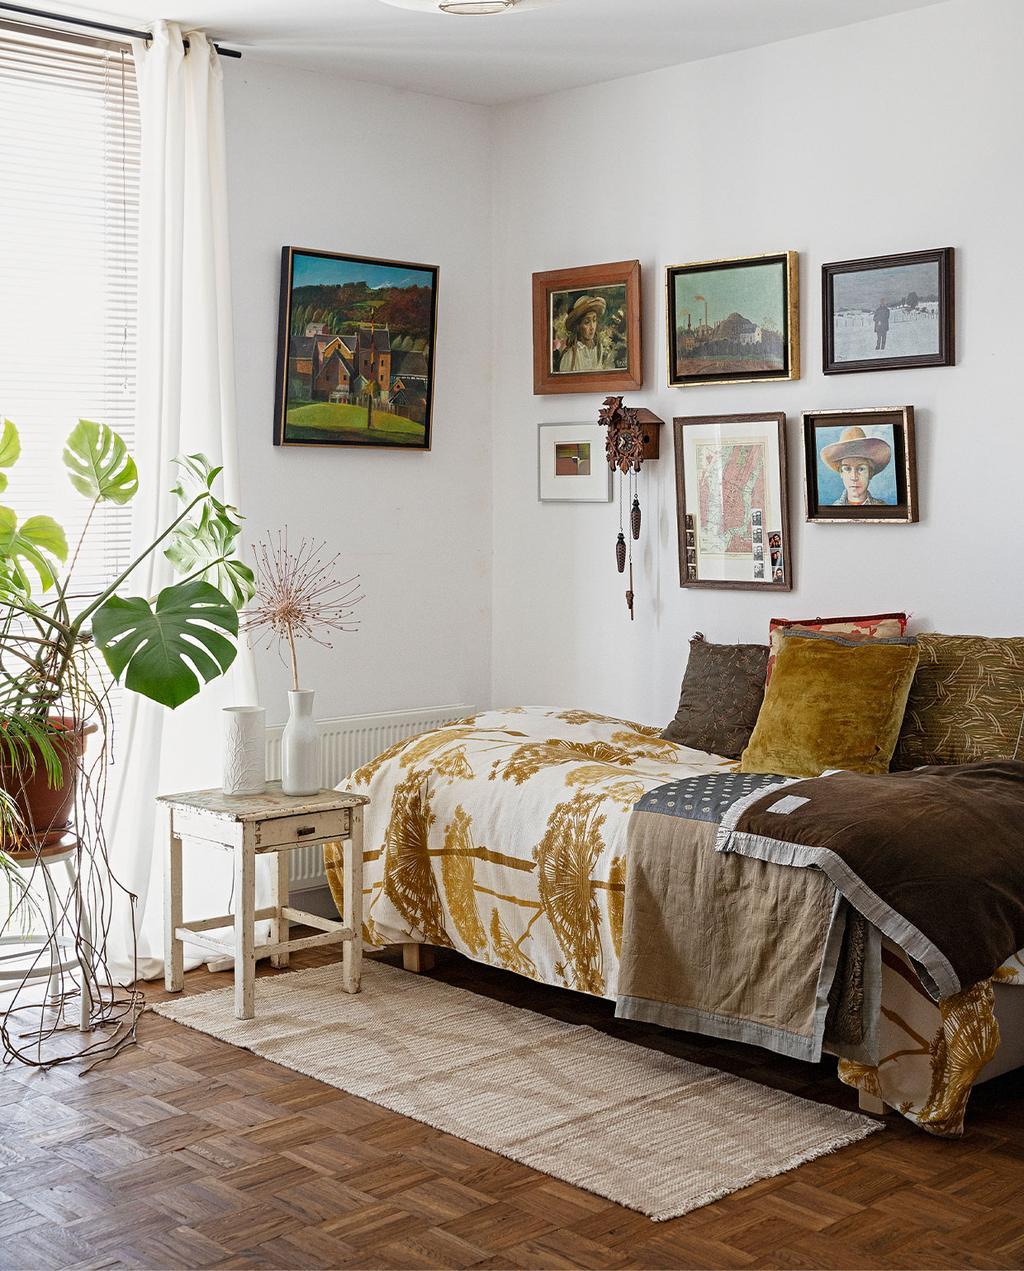 sofá-cama com travesseiros